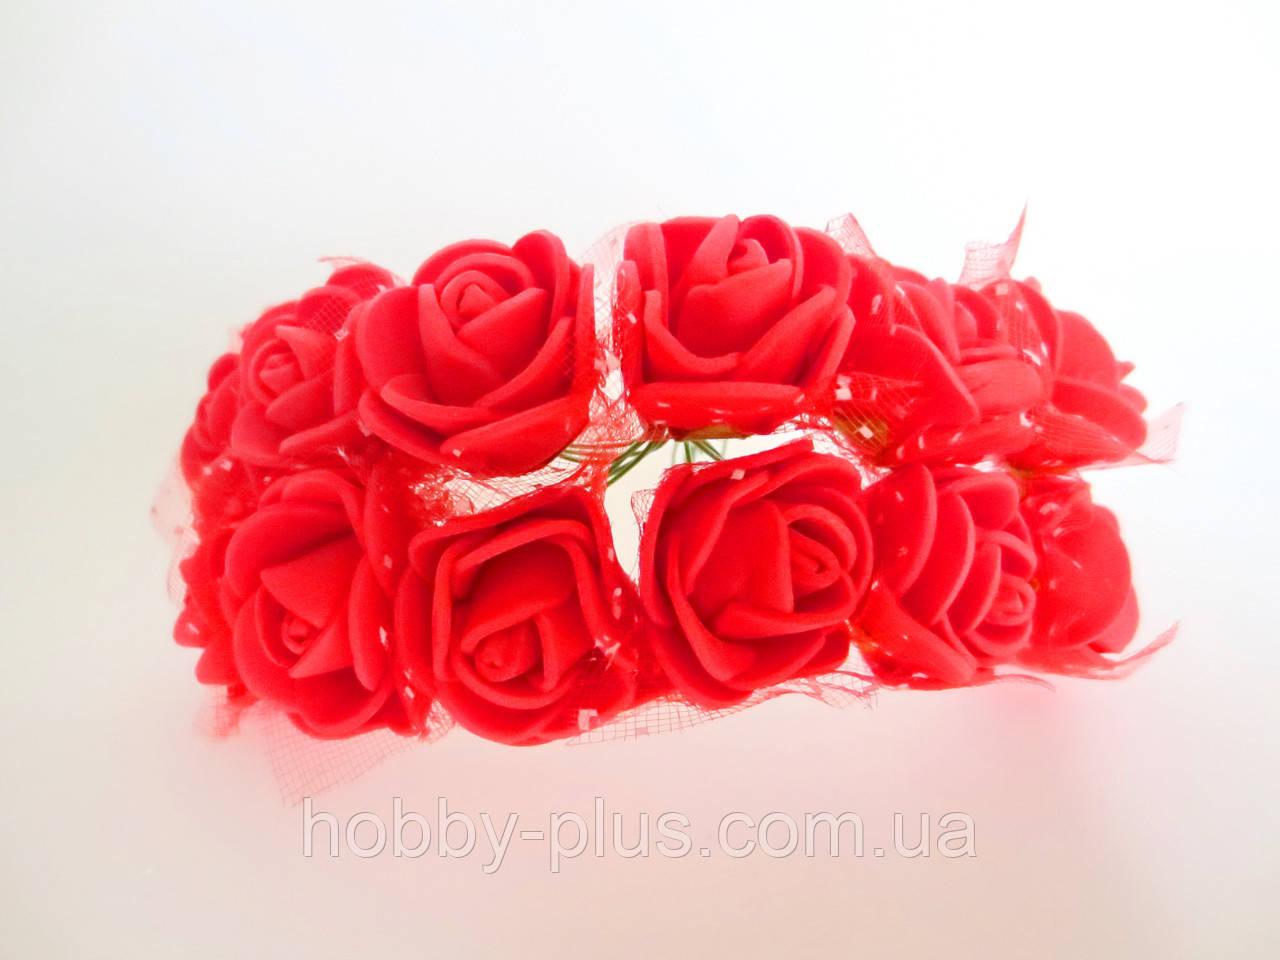 Декоративные розы из латекса 12 шт., d 2 см на ножке, красного цвета с фатином